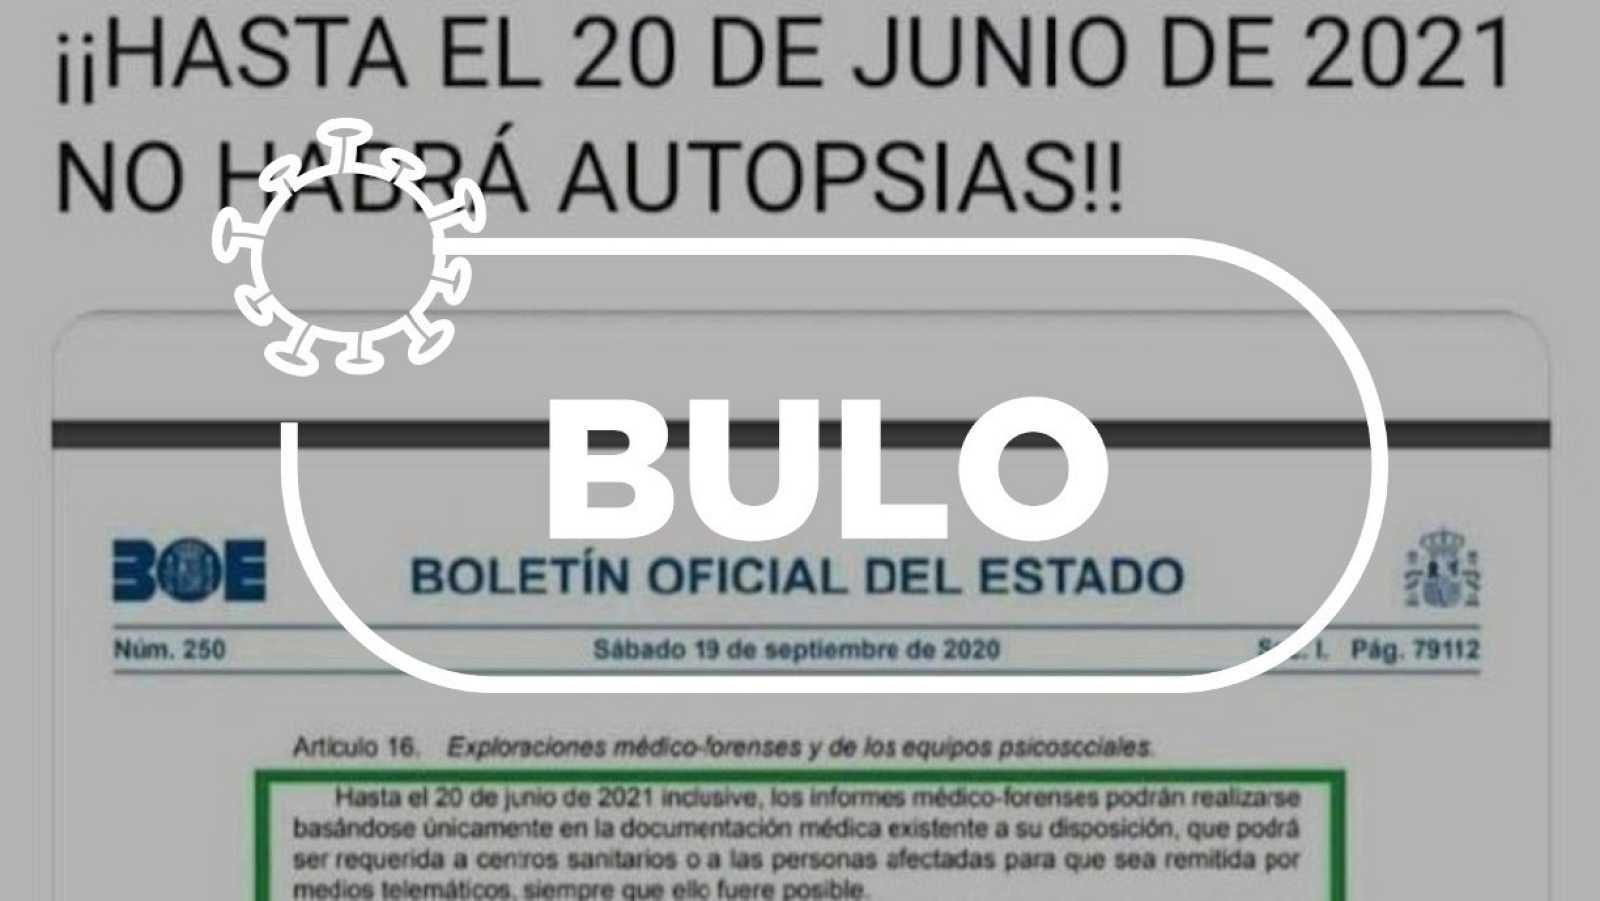 El bulo sobre la suspensión de autopsias en España.